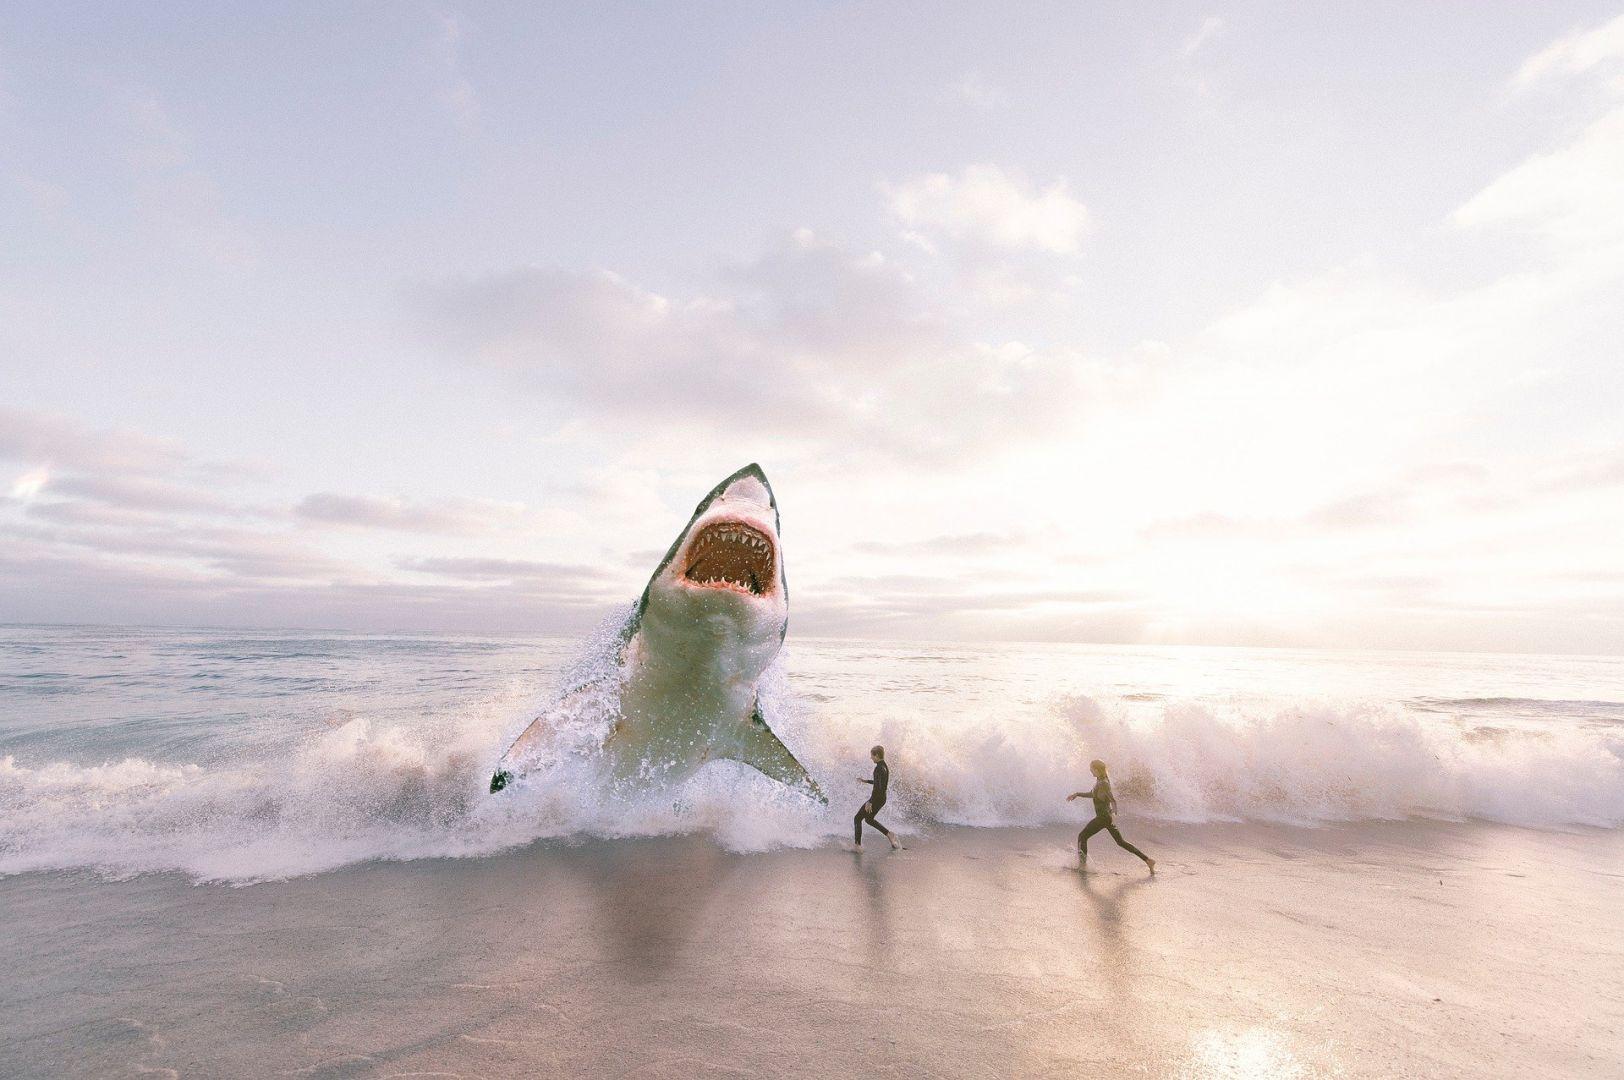 У берегов популярных пляжей стало появляться аномальное количество акул-людоедов